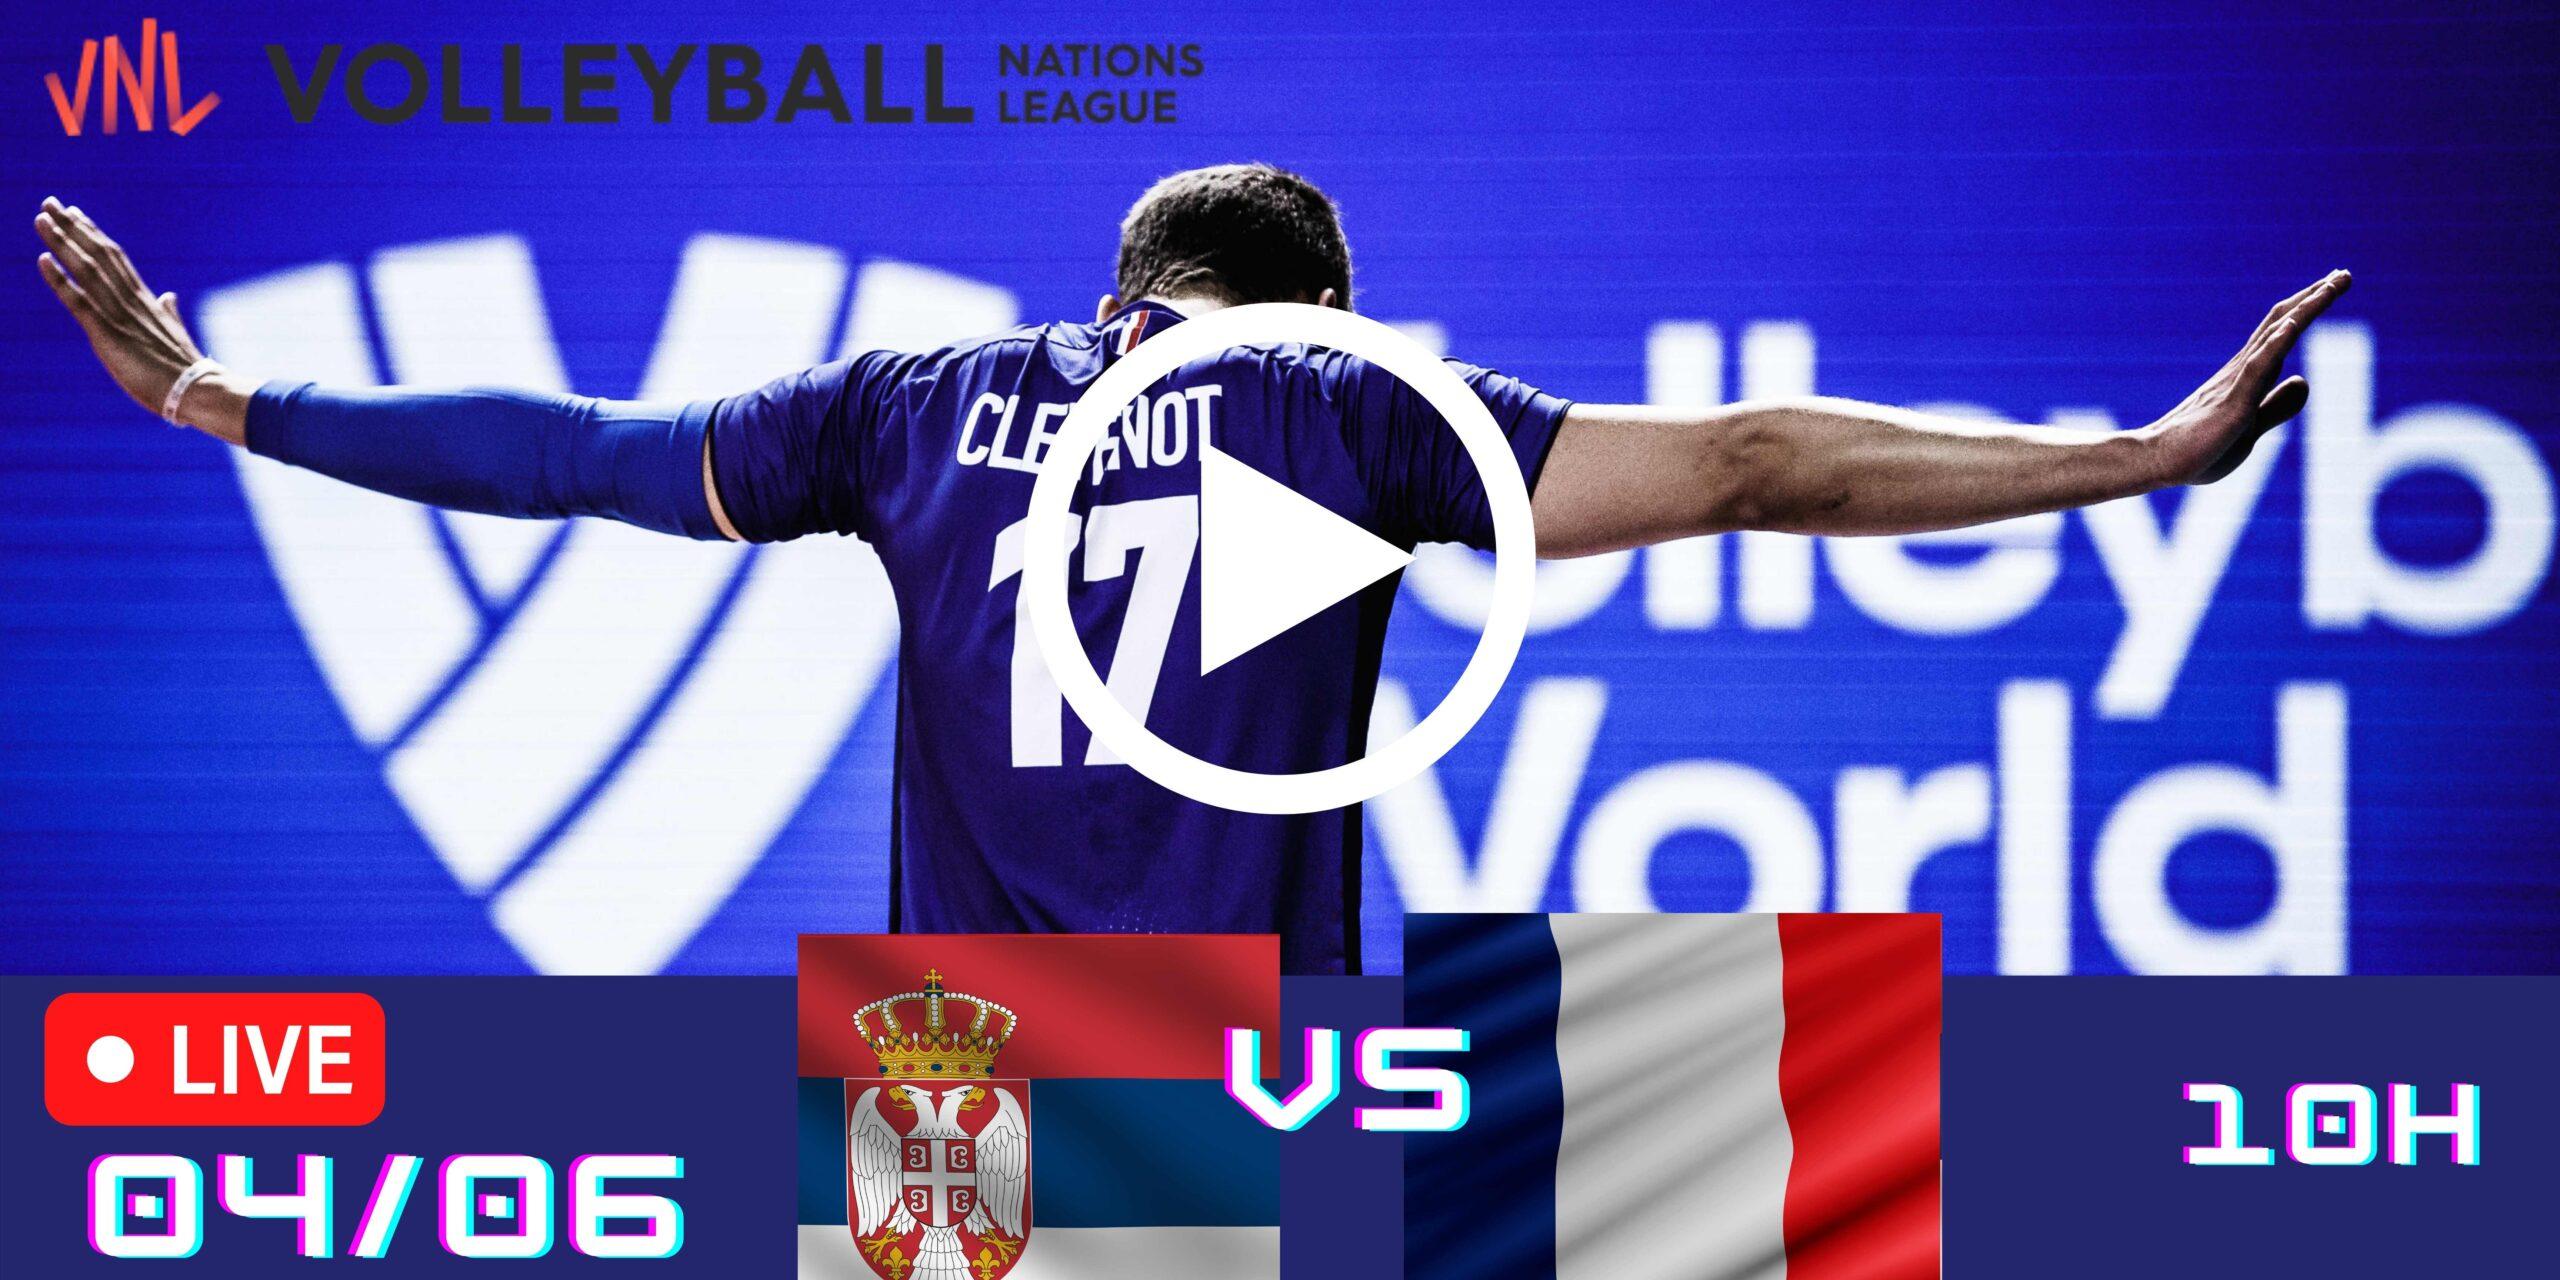 Resultado: Sérvia 3 vs 2 França – Liga das Nações – 04/06 – 10h